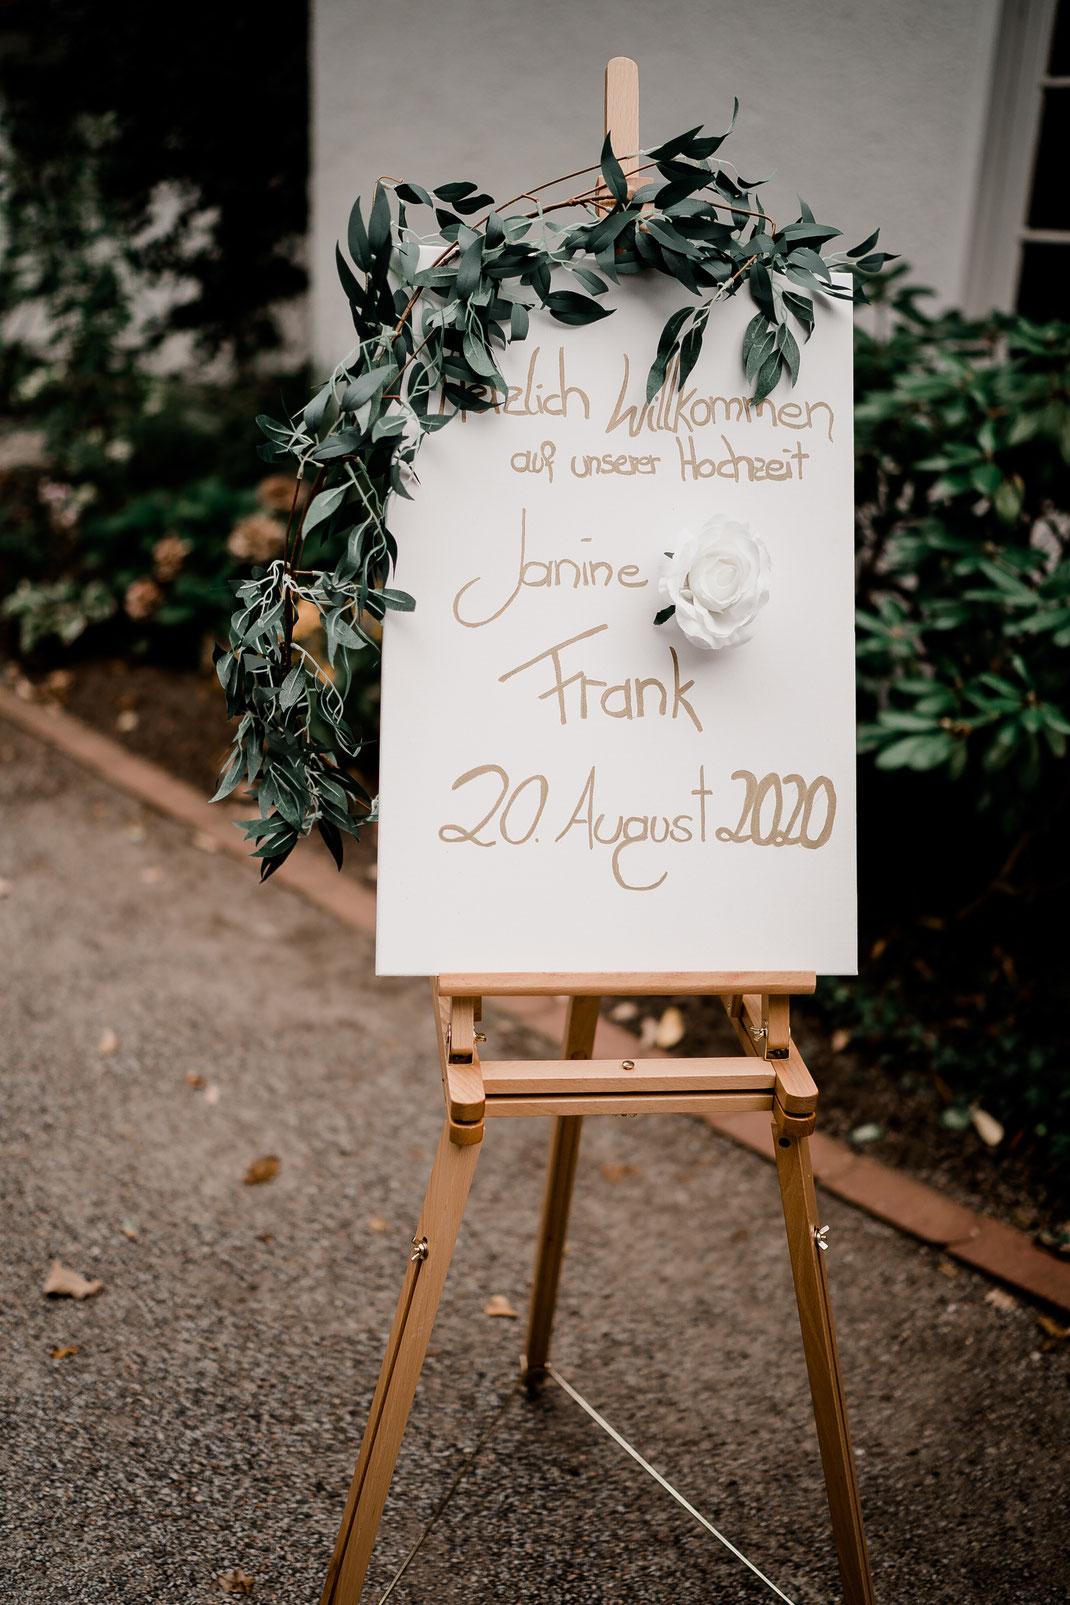 Haus Hünenburg, Achim, Bremen, Hochzeitsfeier, Heiraten, Willkommensschild, Schild, Staffelei, Deko, Fotografin, Verden, Vanessa Teichmann, Samuelsen,